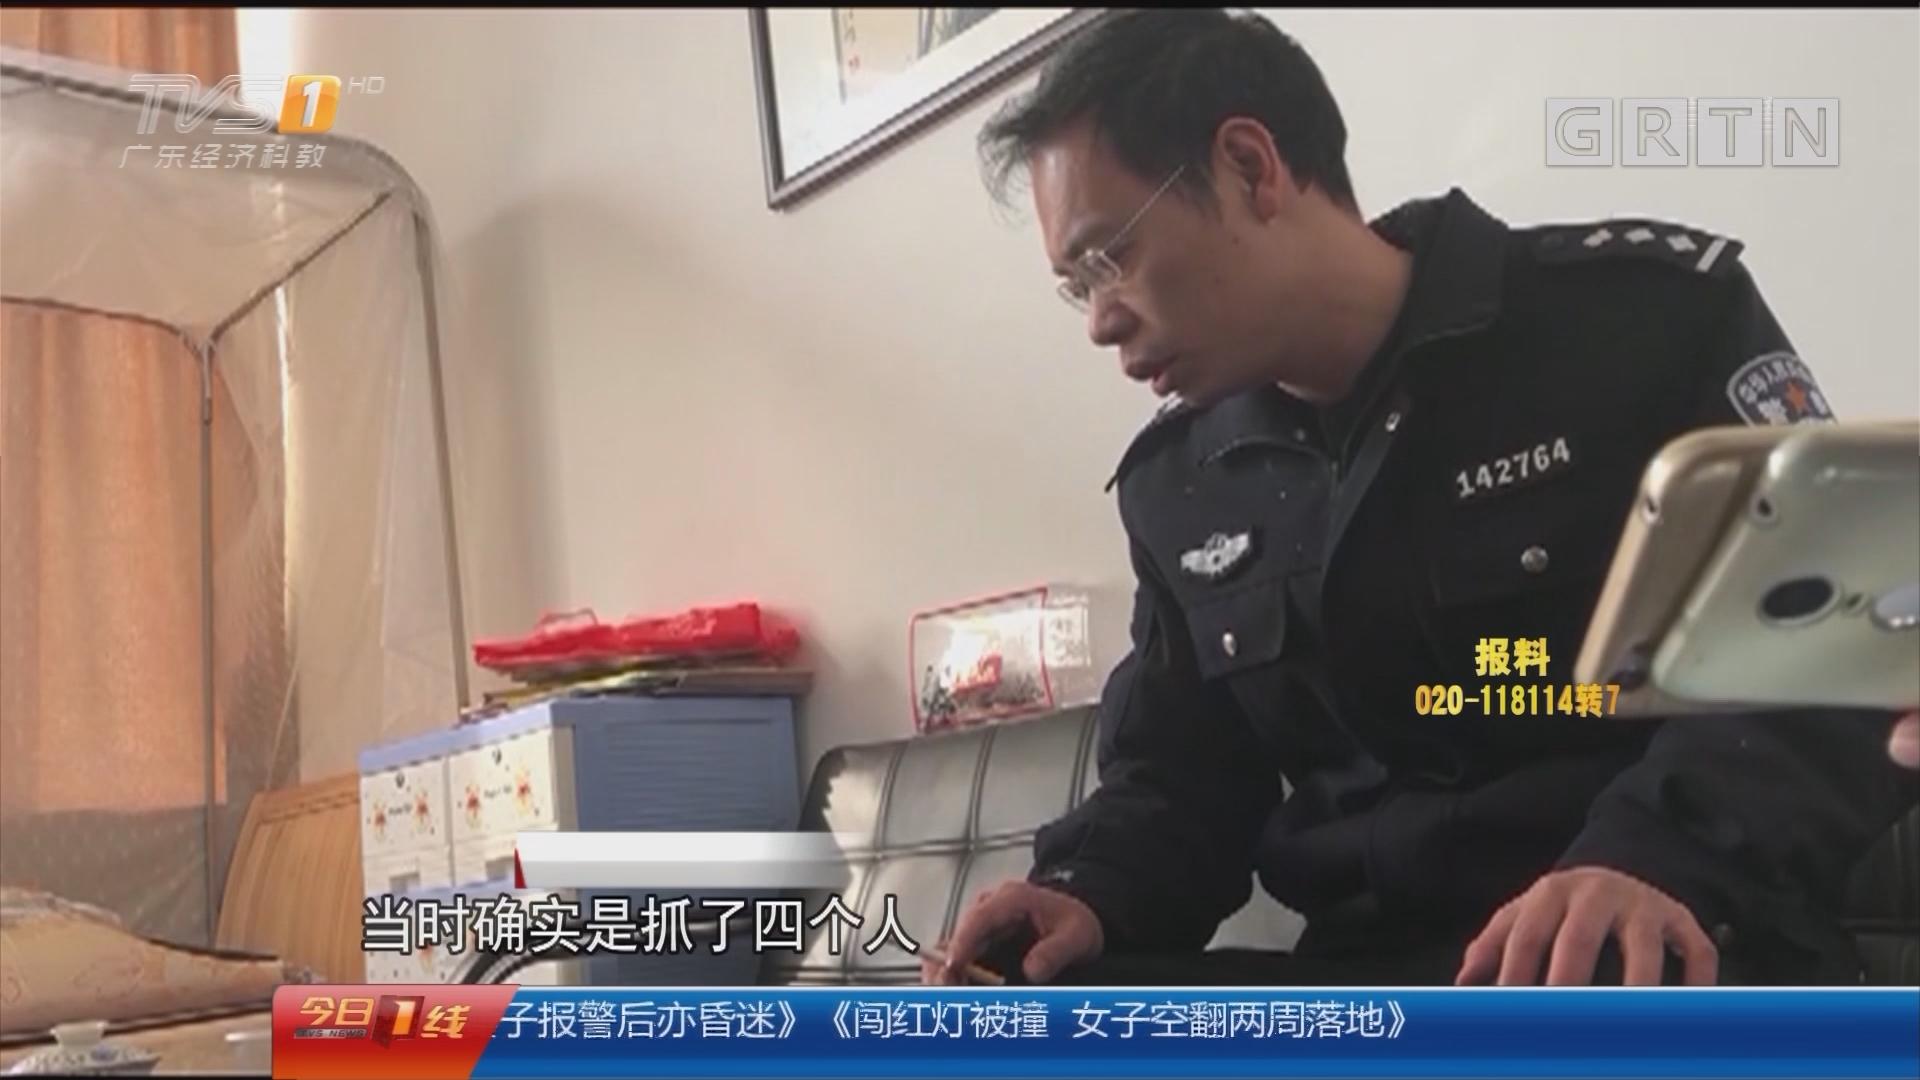 """一线独家:村干部组局赌博调查 小卖部变""""赌场""""?警方出动抓捕"""